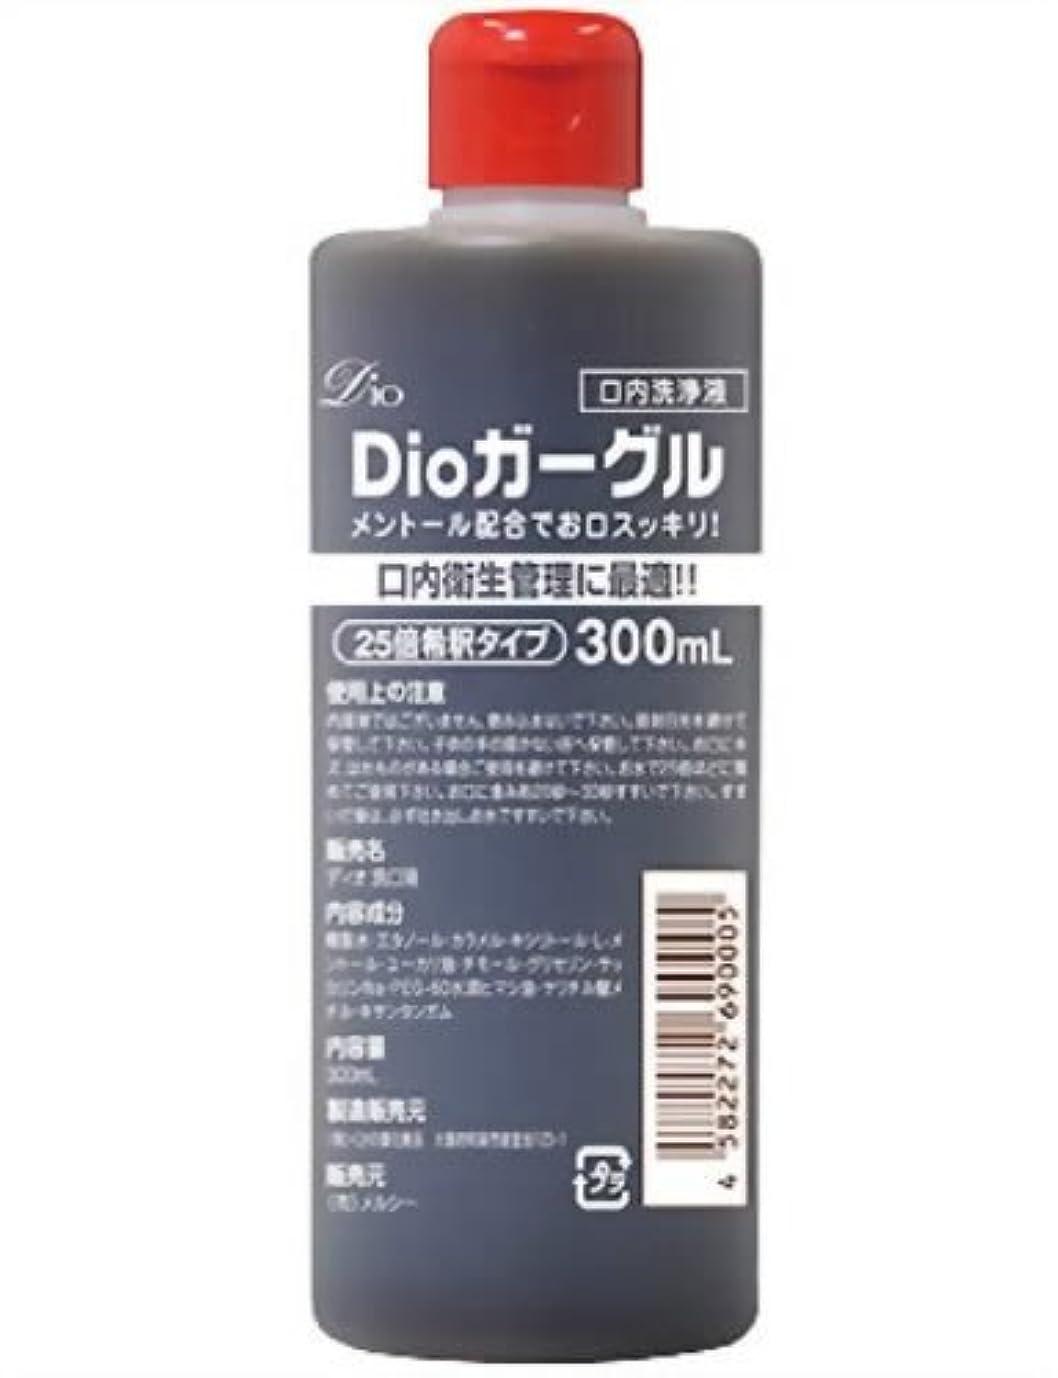 目指すについてホース【業務用】 Dioガーグル 300ml